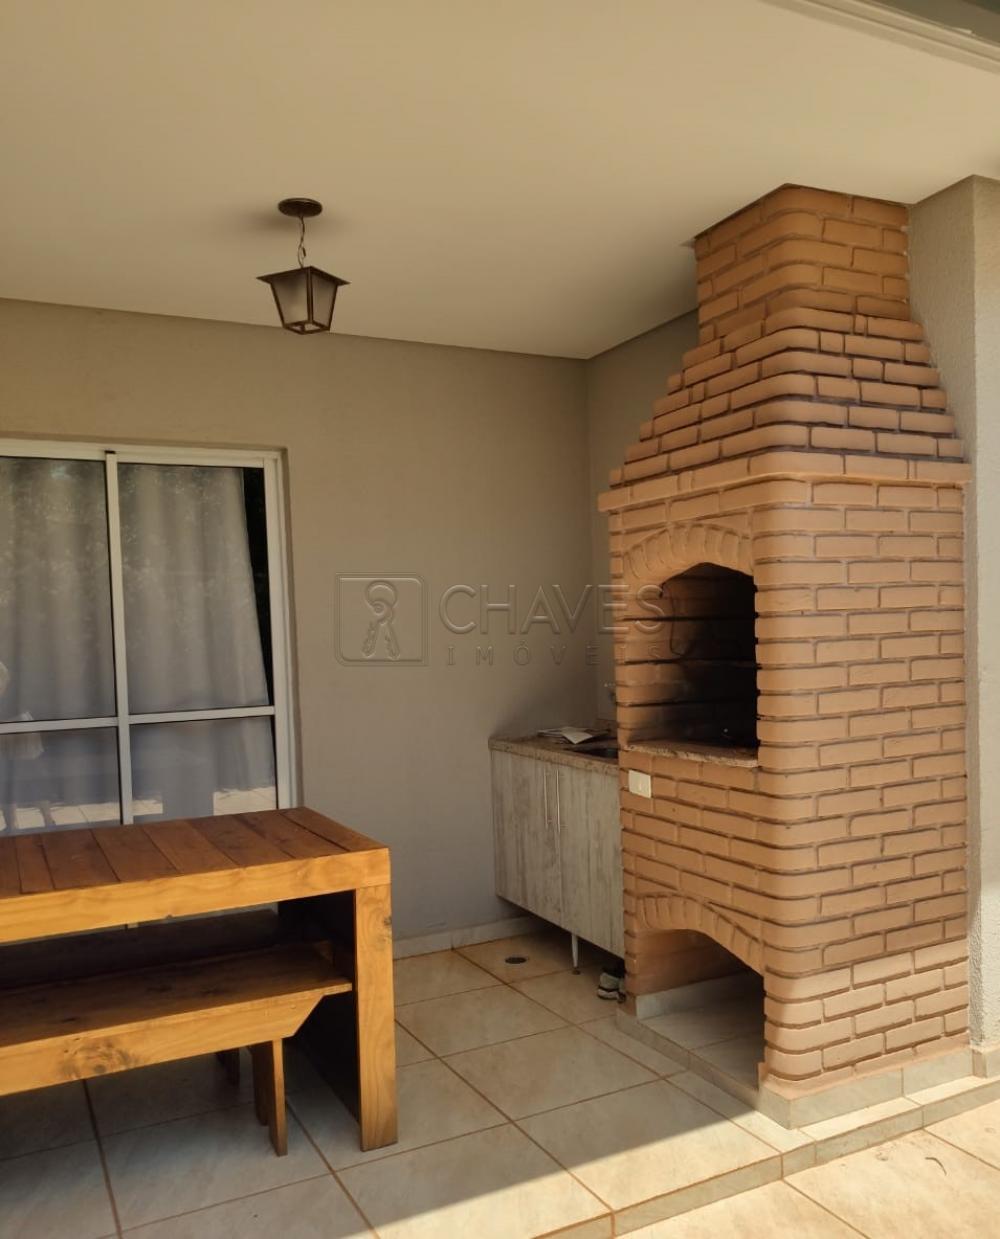 Comprar Casa / Condomínio em Ribeirão Preto apenas R$ 550.000,00 - Foto 3